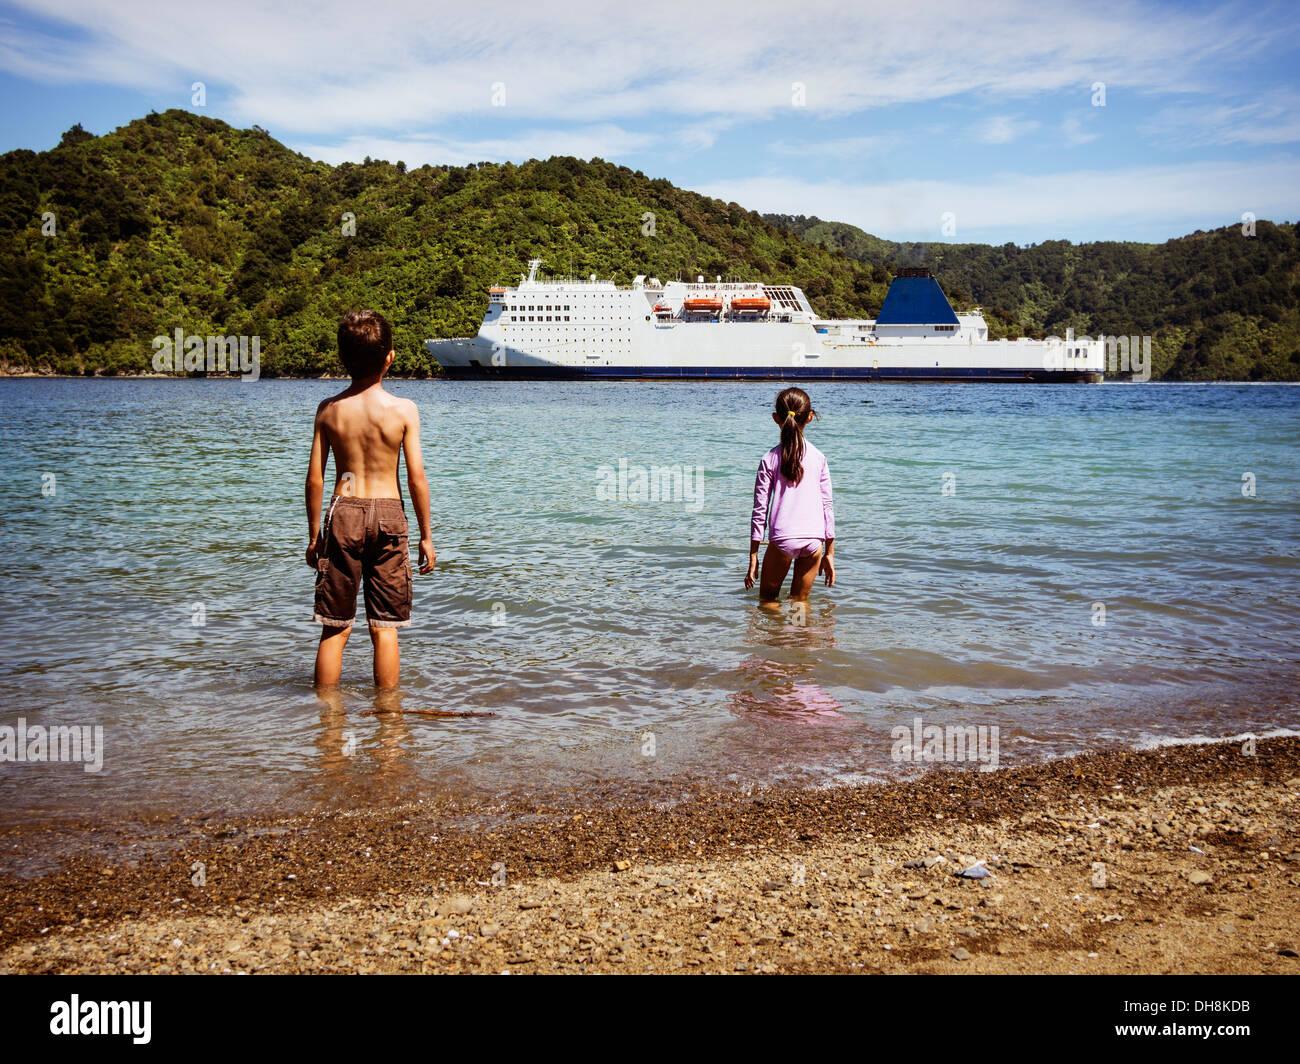 Regarder le ferry arrive, Picton, Marlborough Sounds, en Nouvelle-Zélande. Logos déposés. Banque D'Images